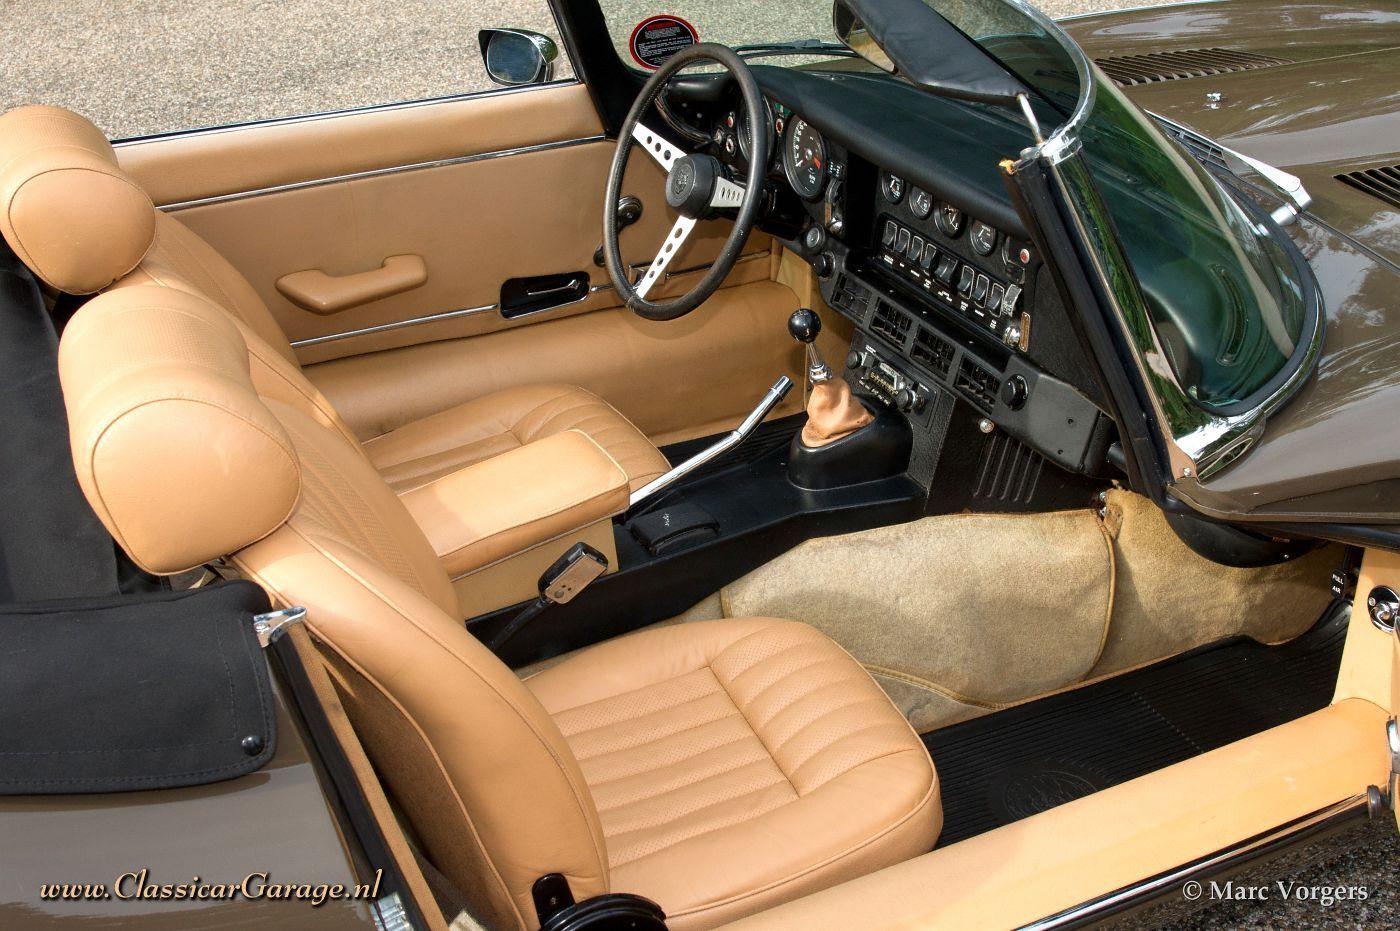 J74 055 moreover Watch furthermore Deadly Transmission Mount 90107 furthermore Jag T5 also 1974 Jaguar Xke Roadster 965. on jaguar xke v12